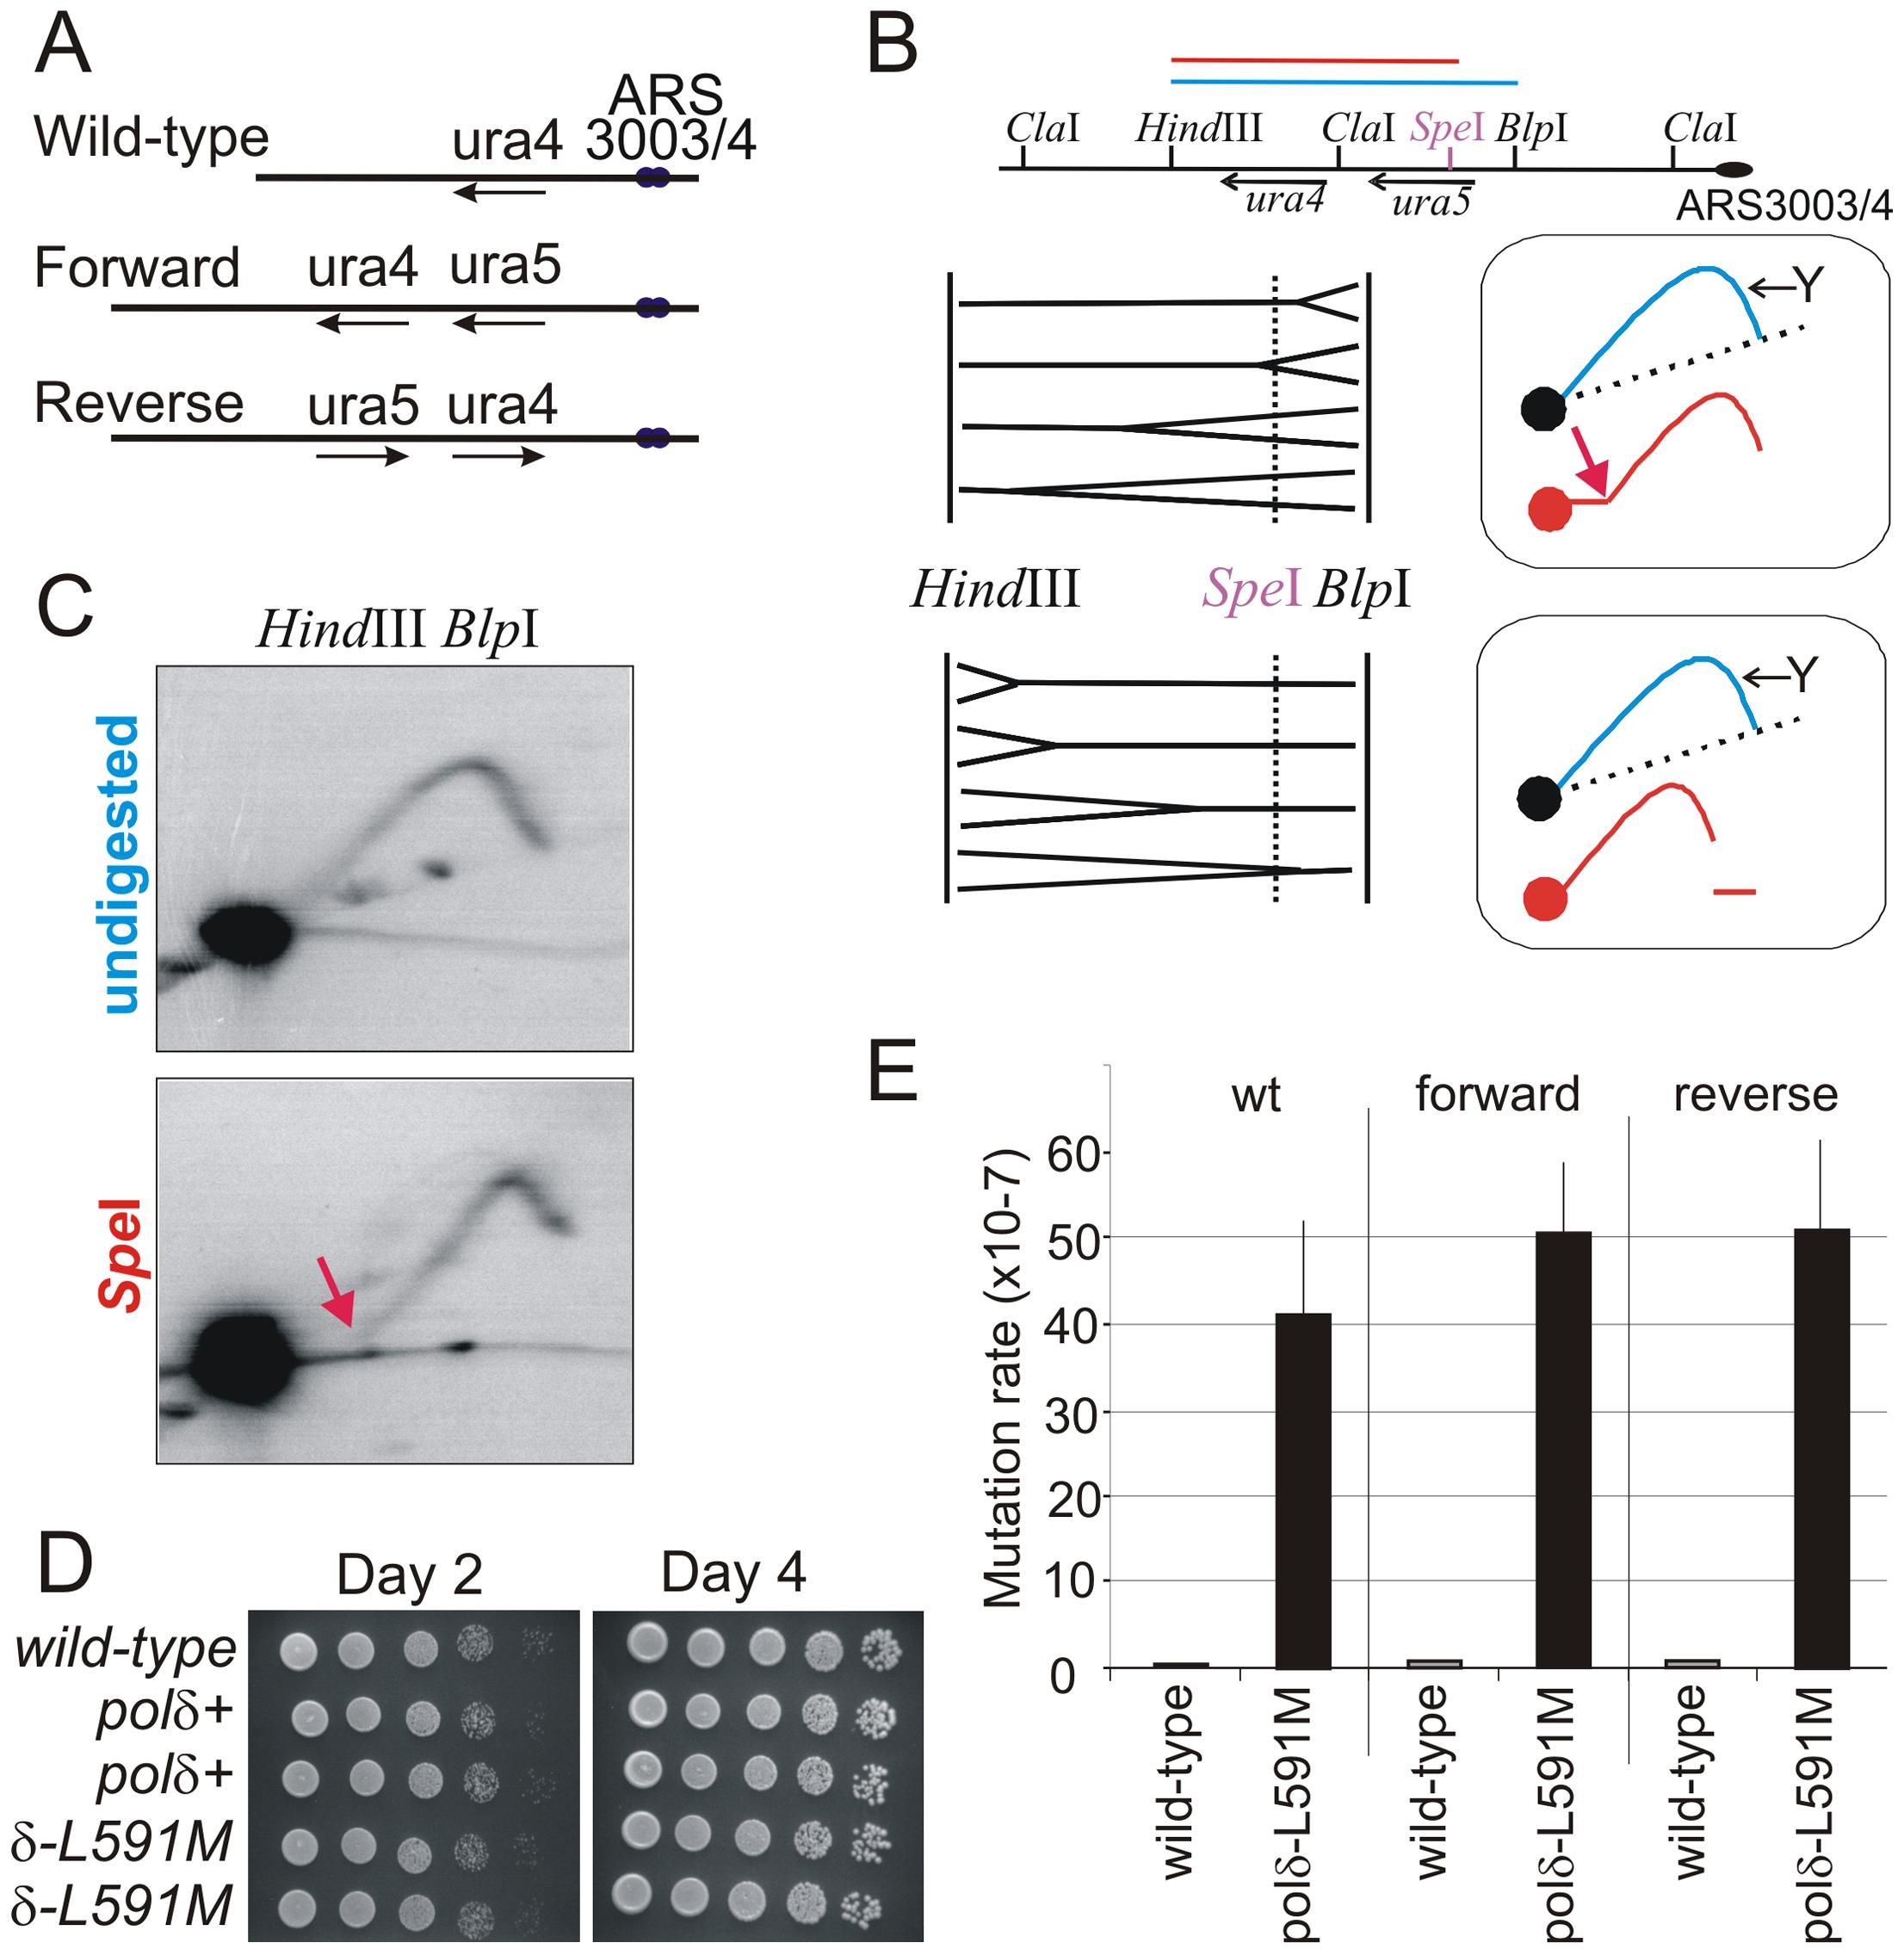 Polδ L591M shows mutagenic strand bias.